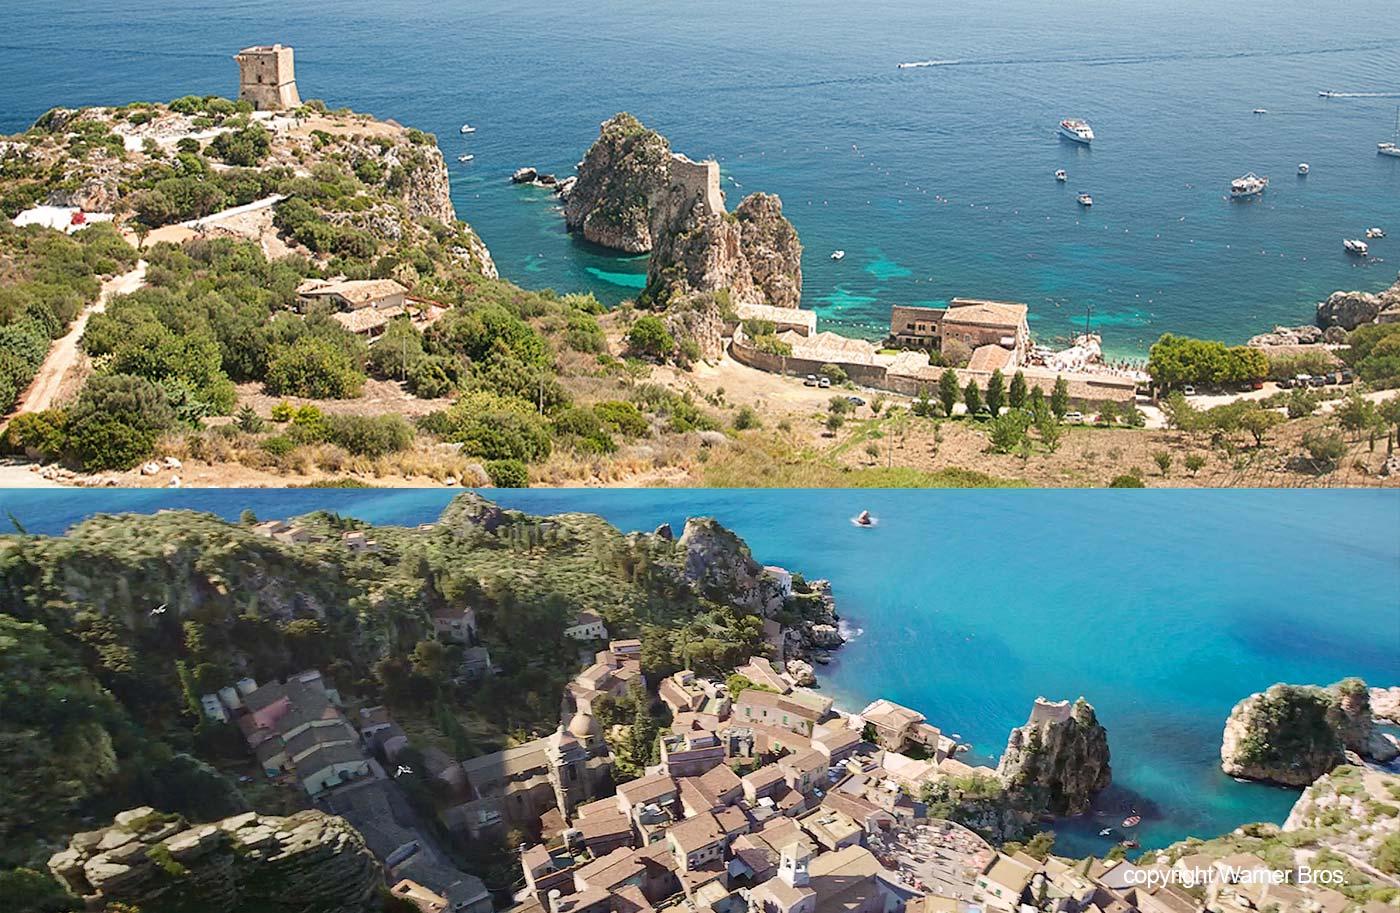 Een vergelijking van het plaatsje uit de film en de kust bij de tonnara in de buurt van Scopello